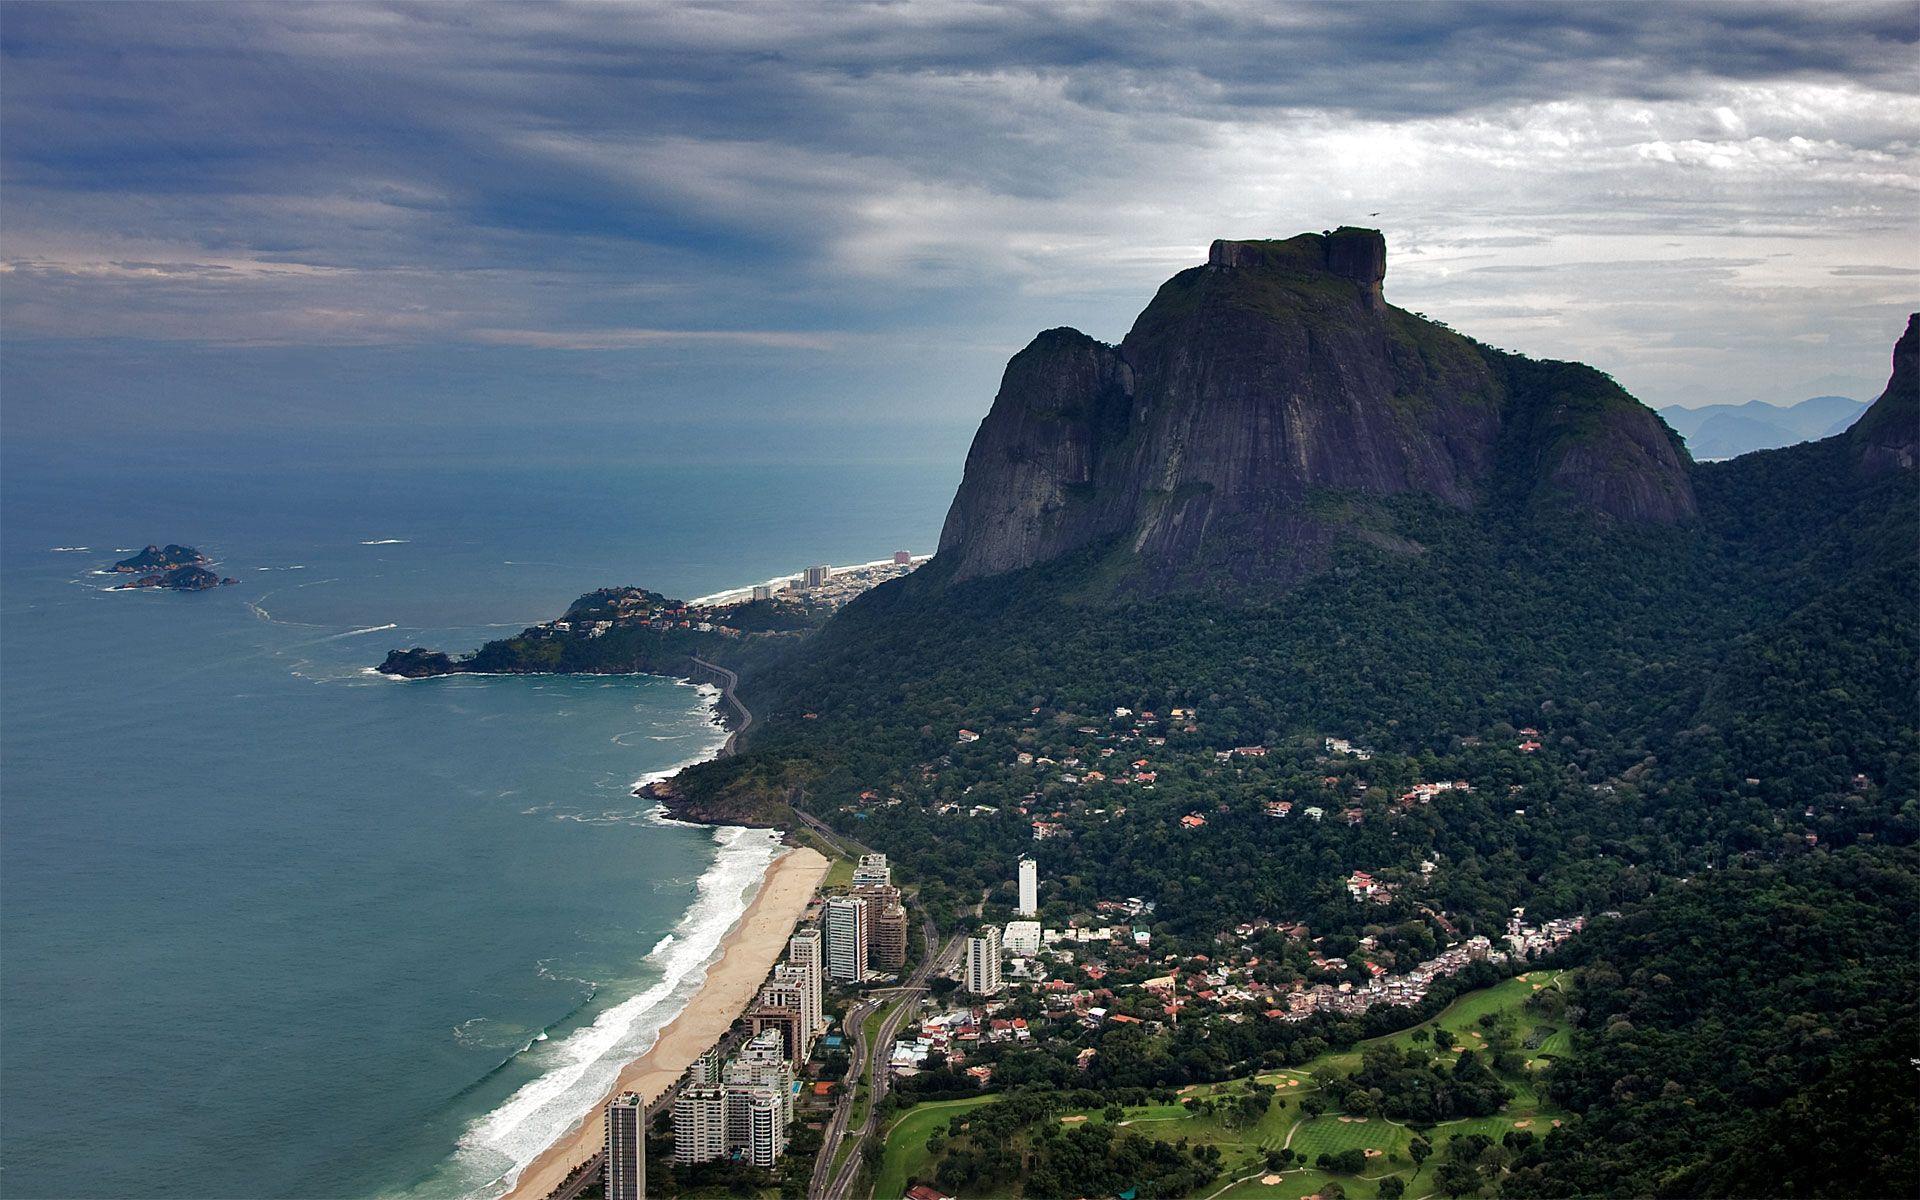 Rio de Janeiro, Brazil | Pedra da gávea, Rio de janeiro